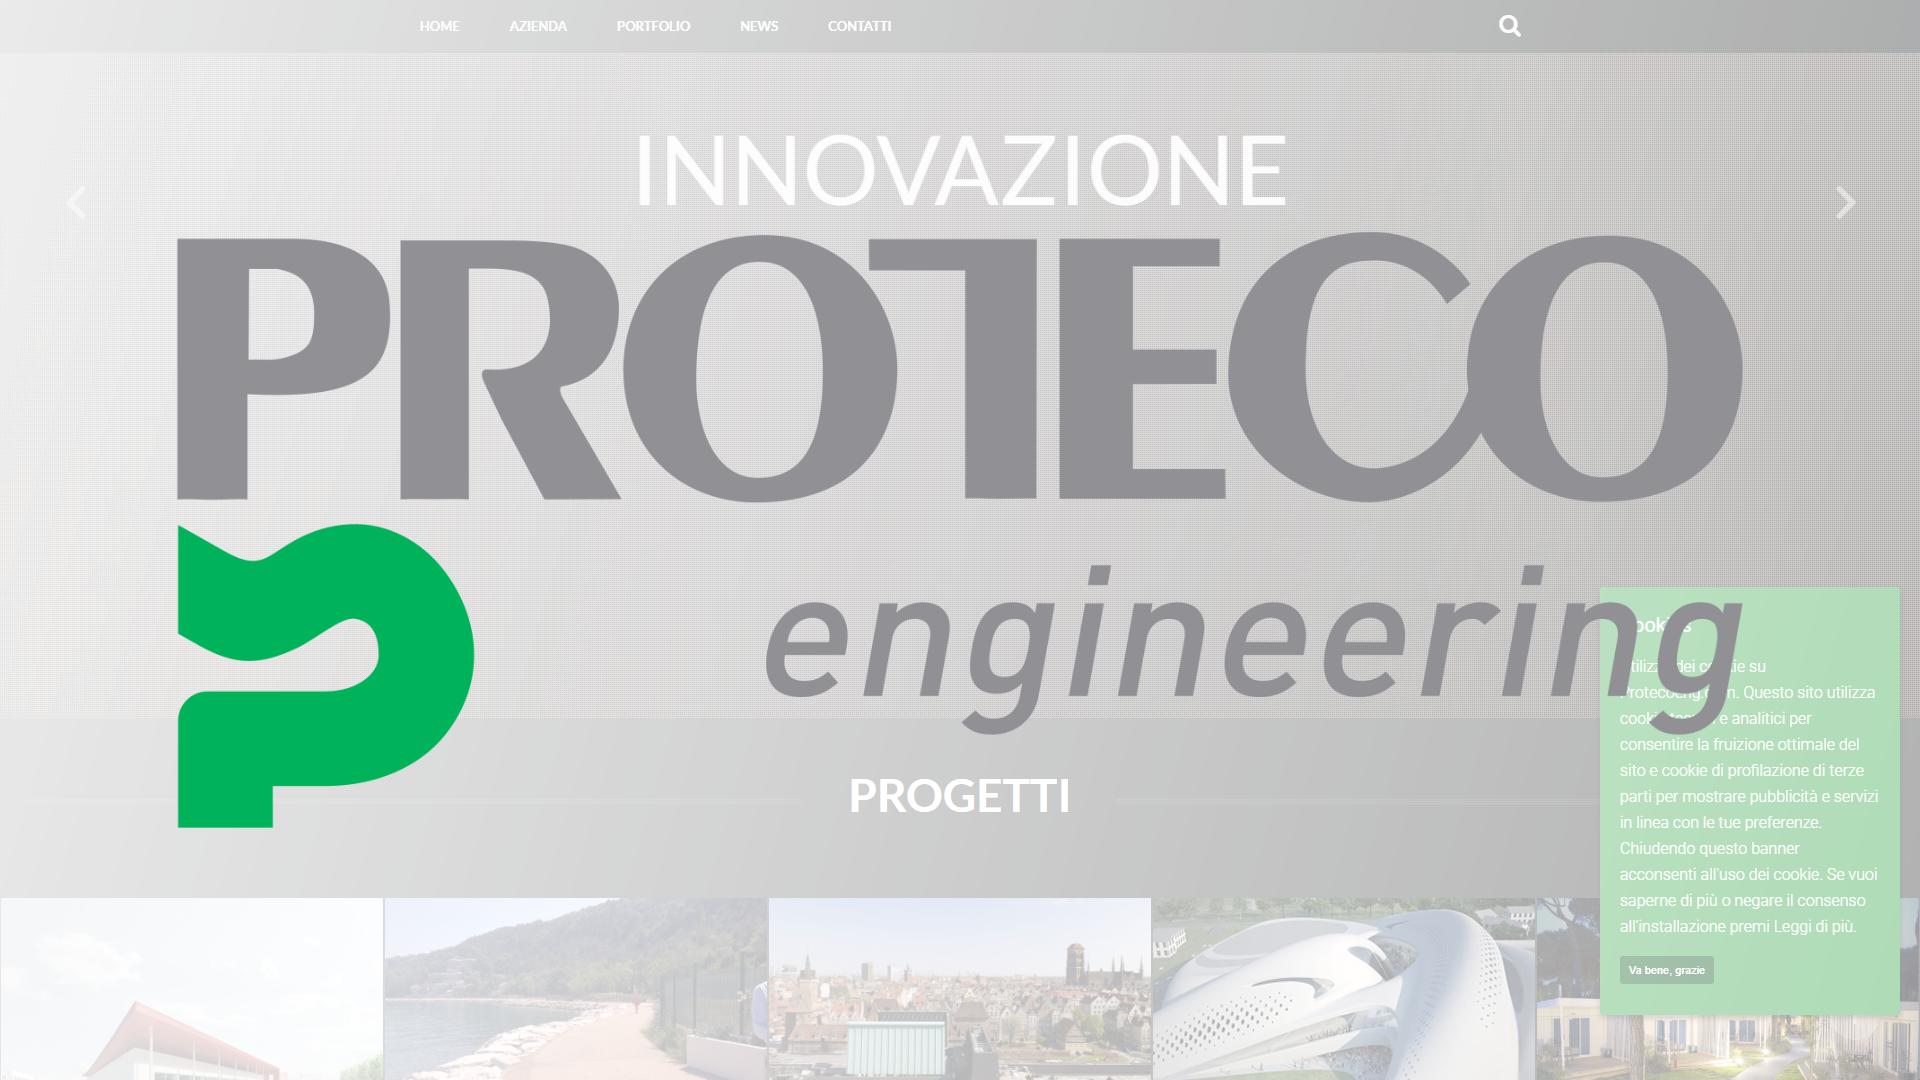 Proteco Engineering